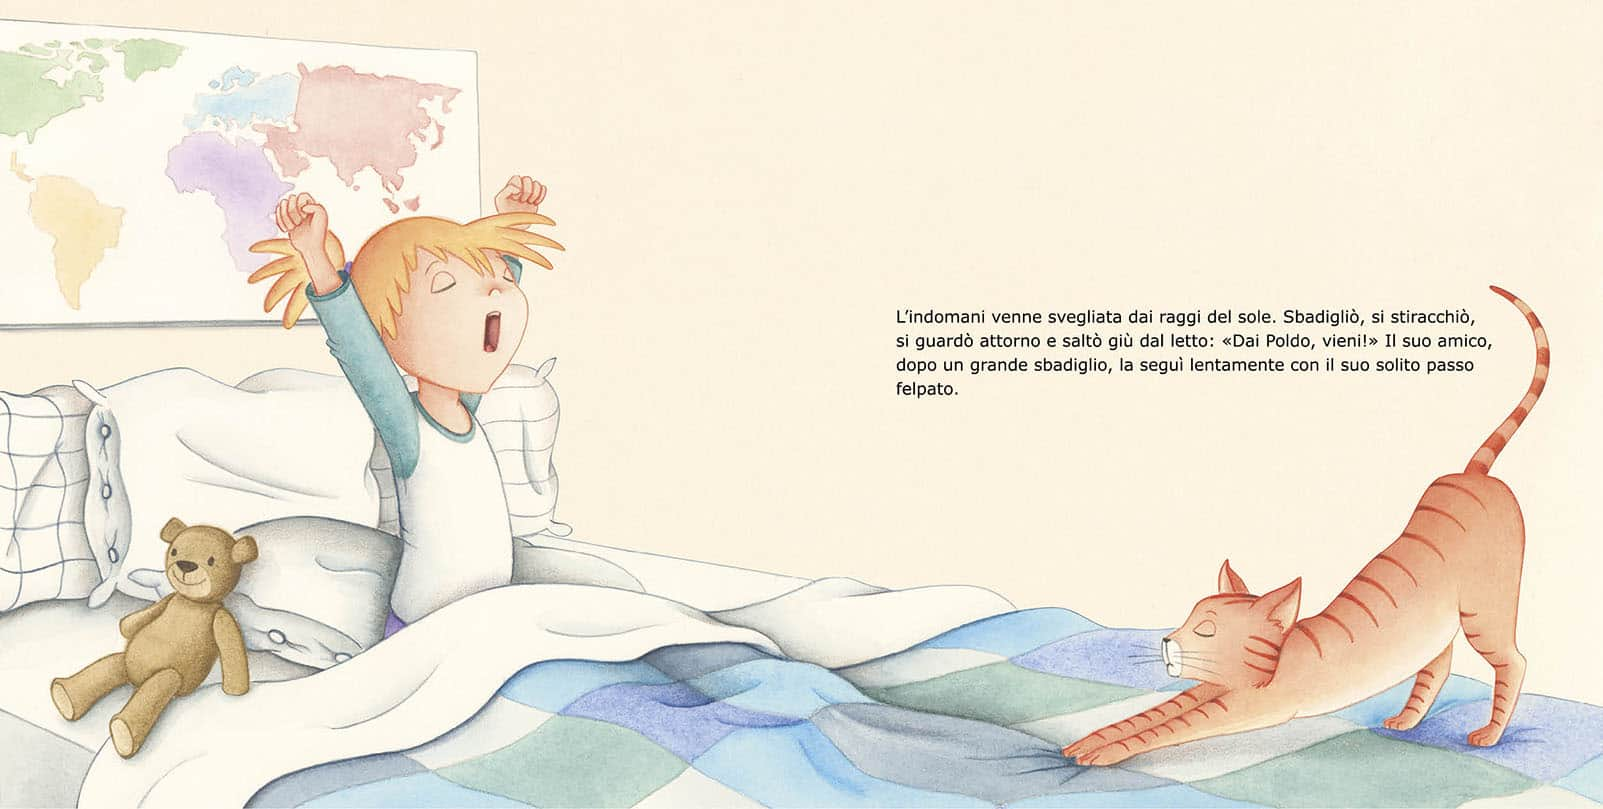 Libro-illustrato-per-bambini-dettaglio